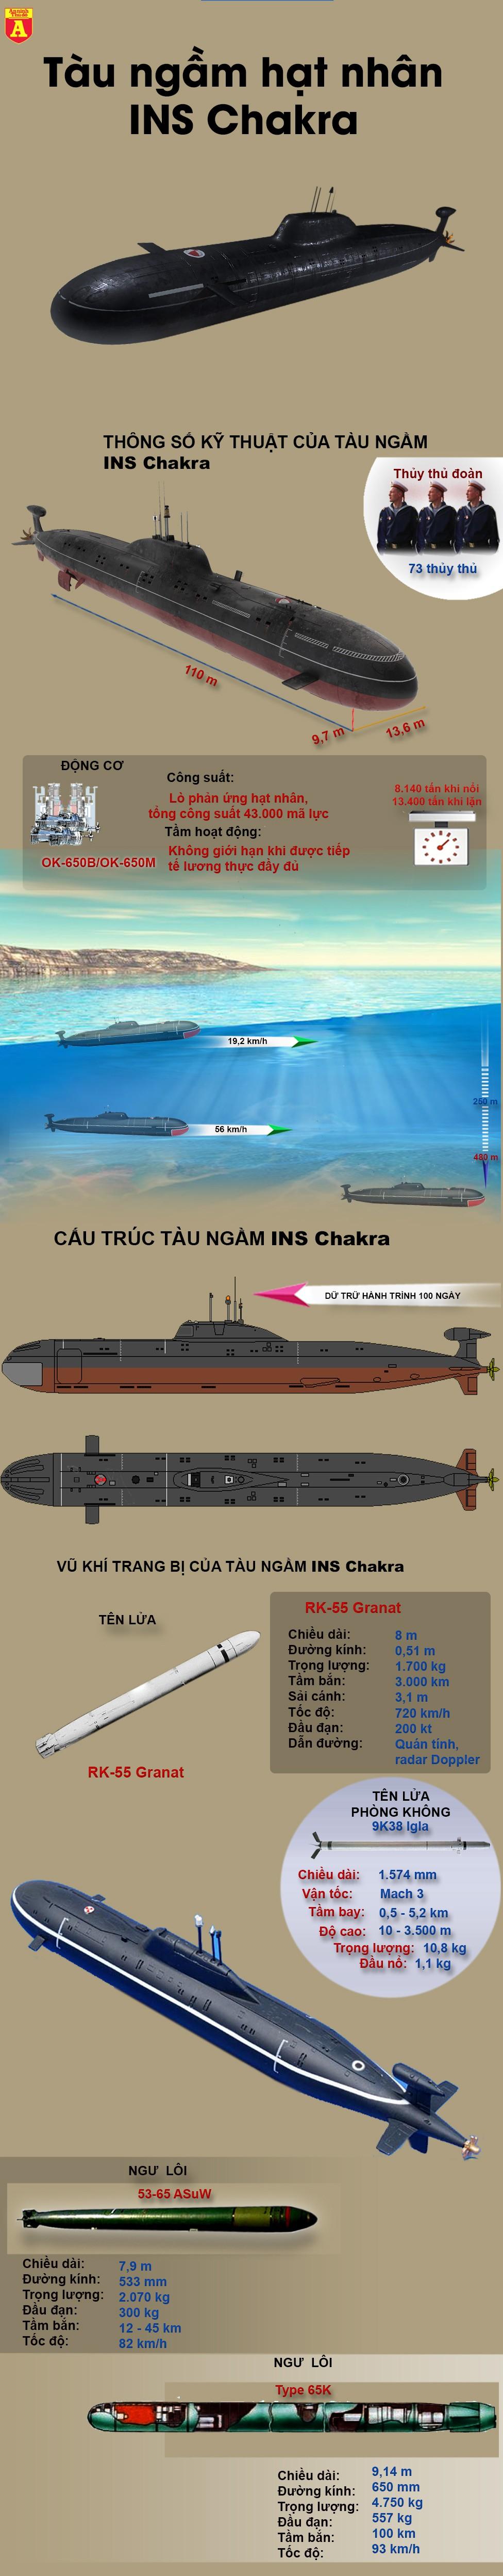 [Infographic] Trung Quốc mừng thầm vì 'cú đấm đại dương' của Ấn Độ phải nằm bờ ảnh 2